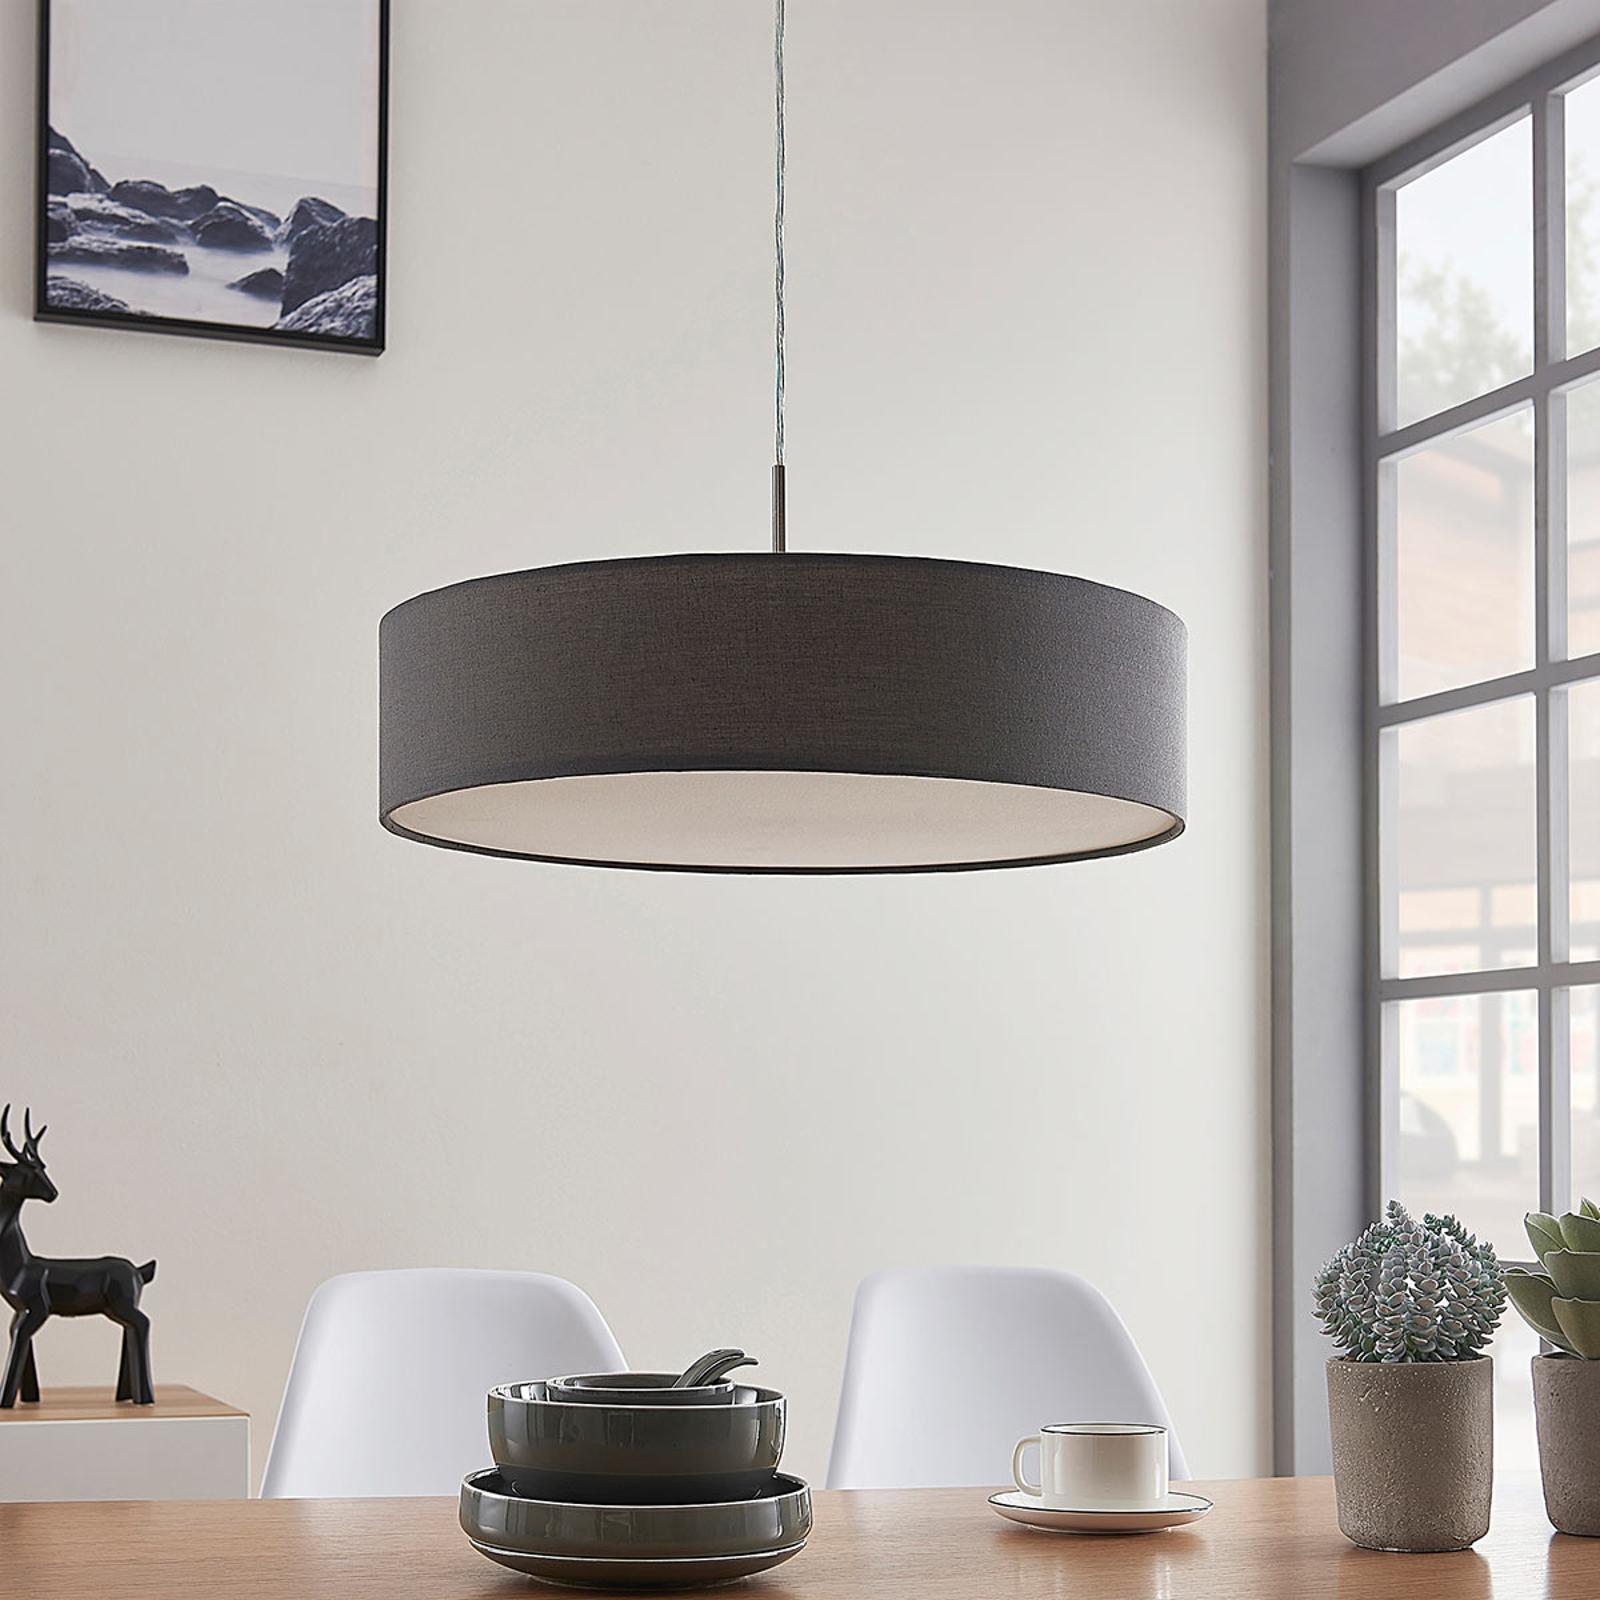 Závěsná lampa Sebatin, s LED 27, 50 cm, šedá